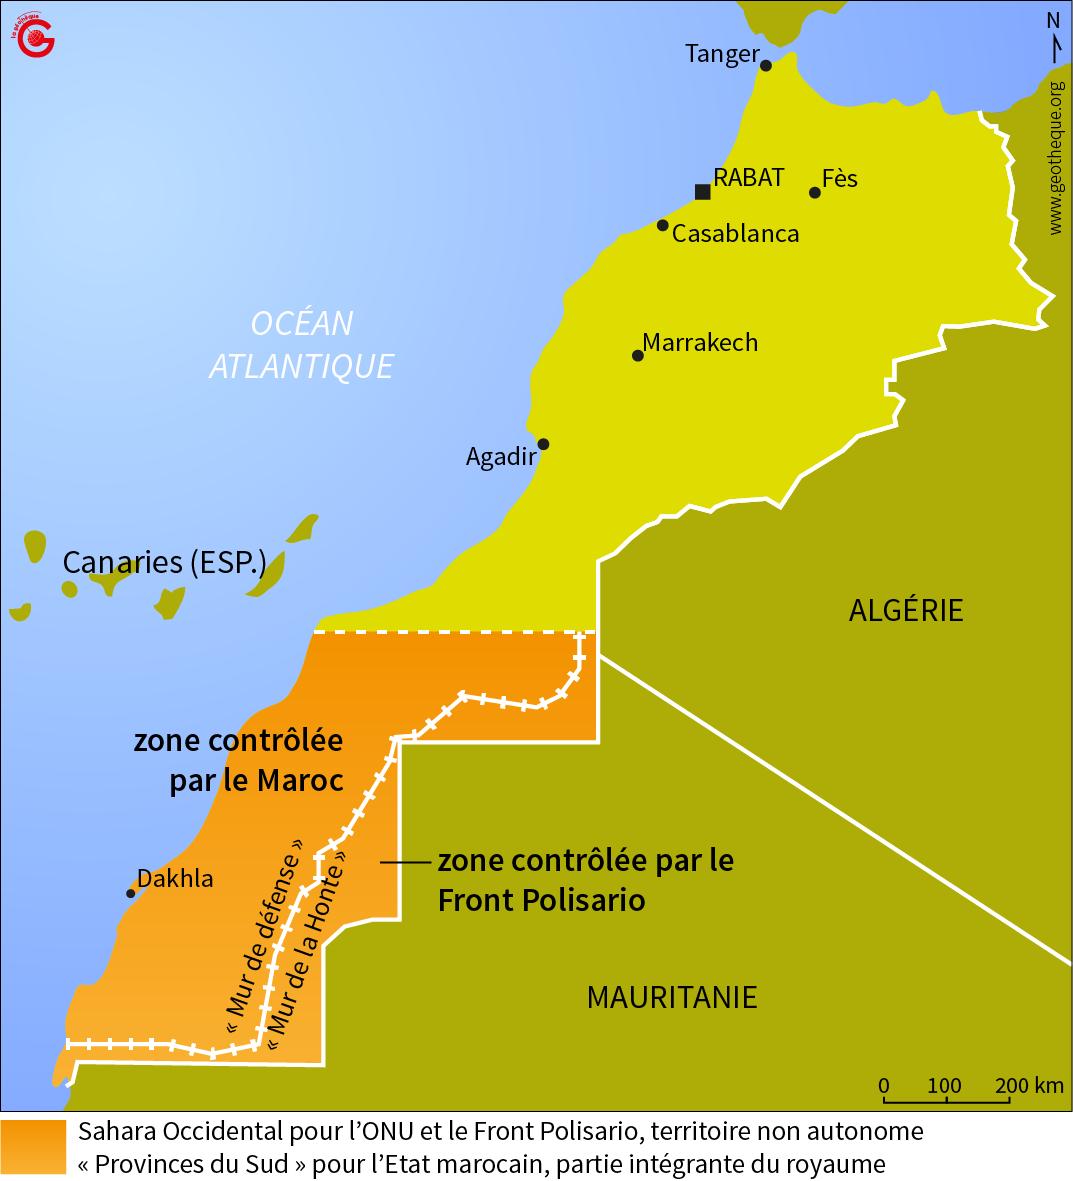 L'épineux Sahara Occidental et les tiretés de la colèreLa Géothèque